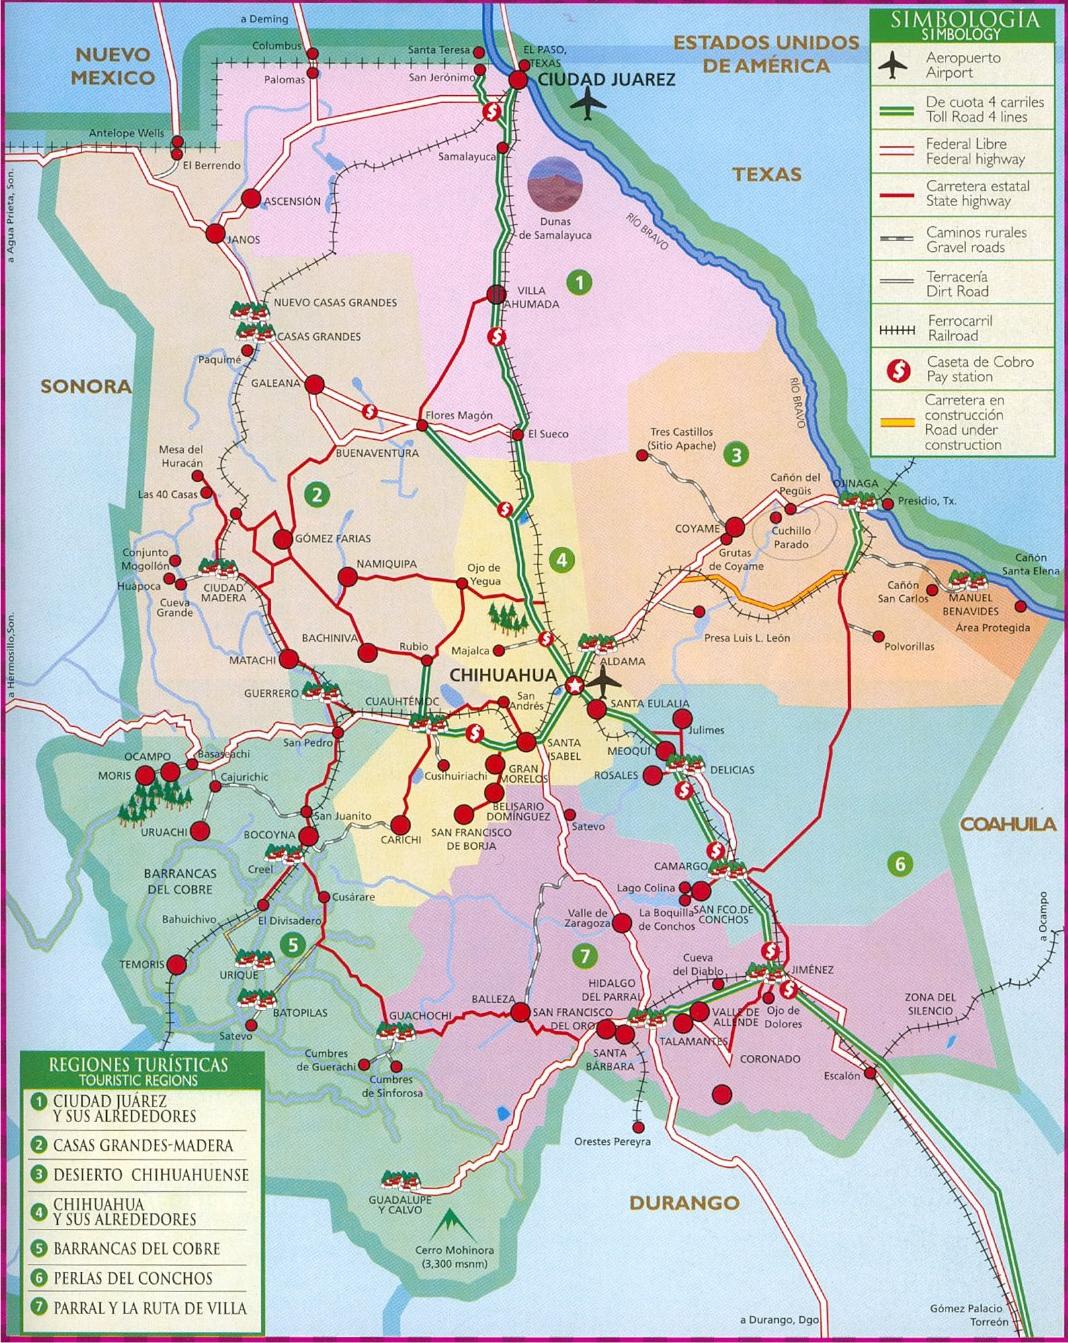 mapa de regiones turisticas en chihuahua